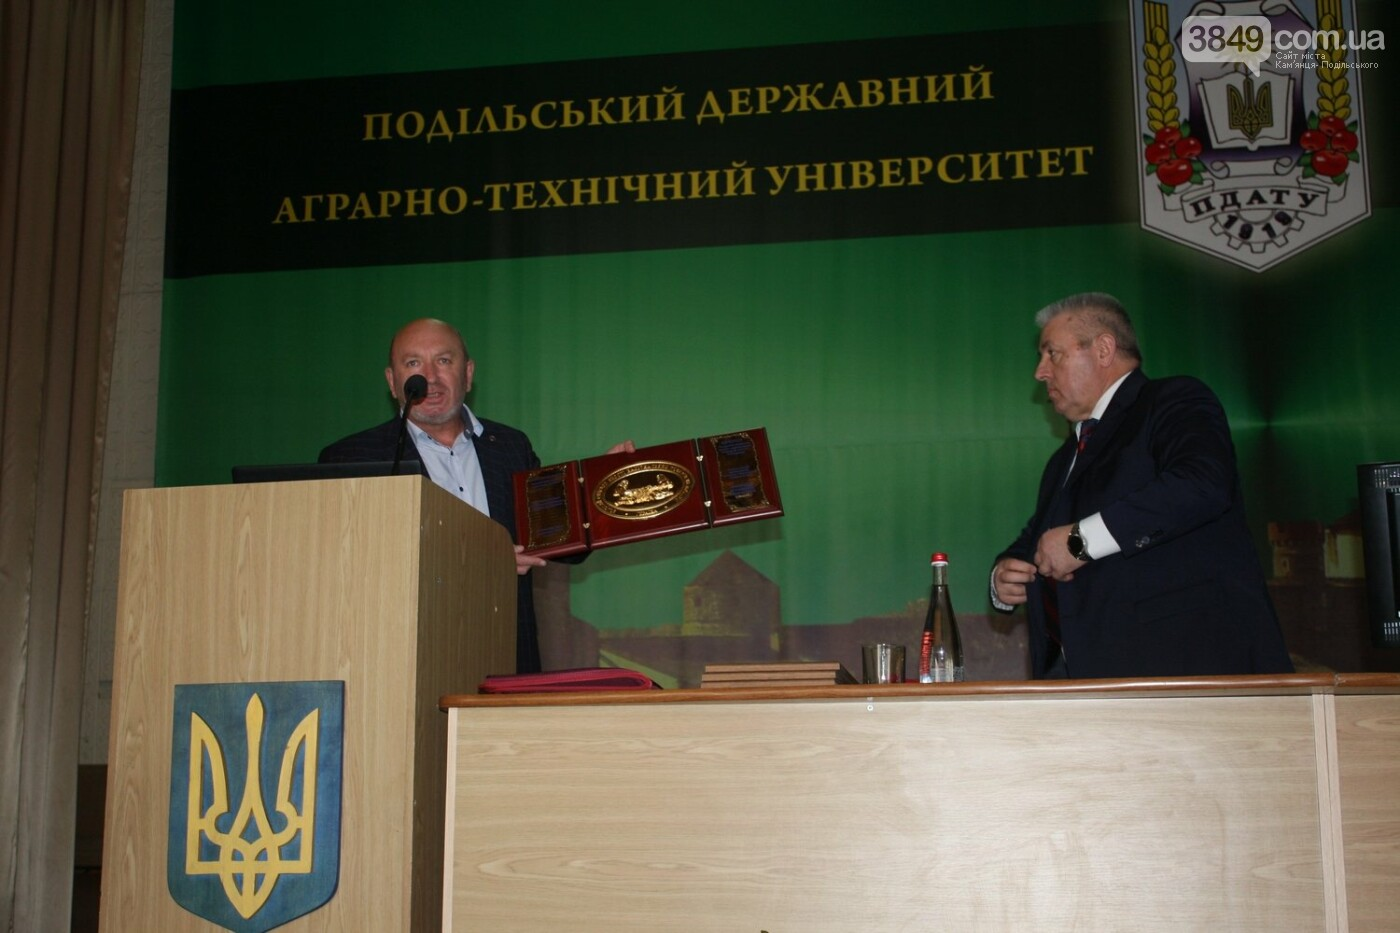 Подільський державний аграрно-технічний університет отримав нагороду «Золотий символ якості національних товарів та послуг», фото-1